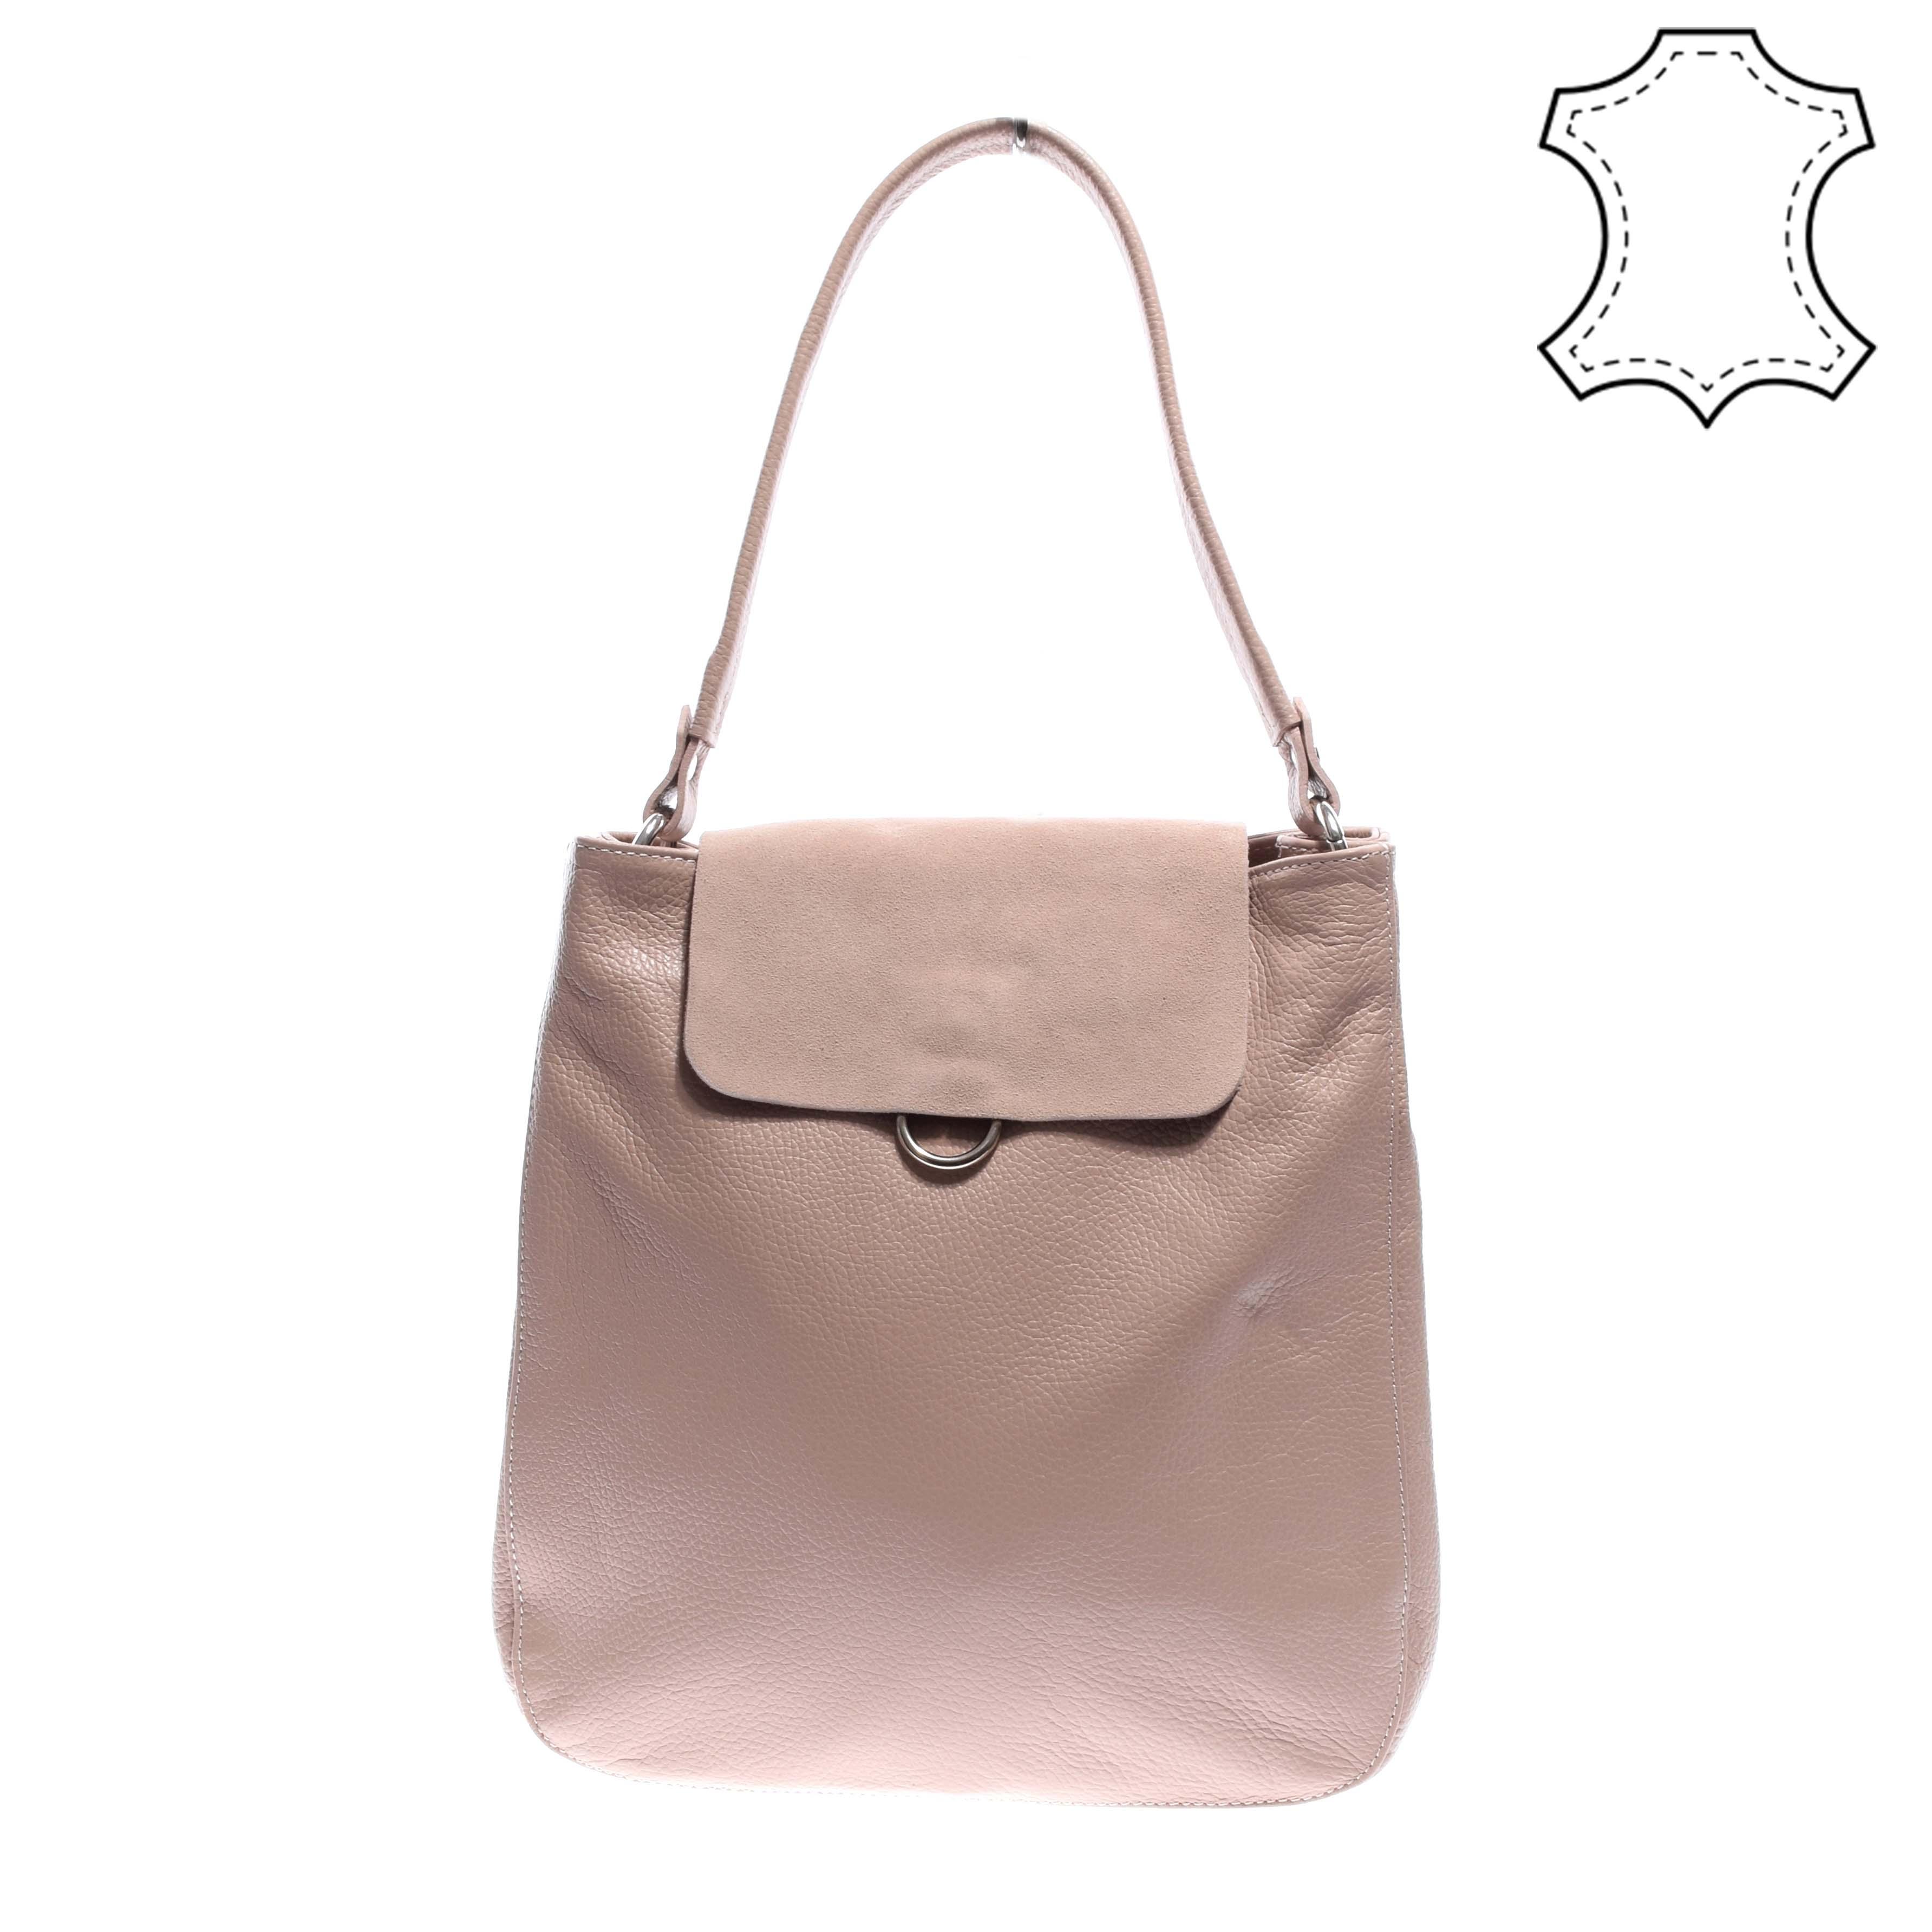 f7b51a78724d Női rózsaszín valódibőr válltáska - VALÓDI BŐRTÁSKÁK - Táska webáruház - Minőségi  táskák mindenkinek